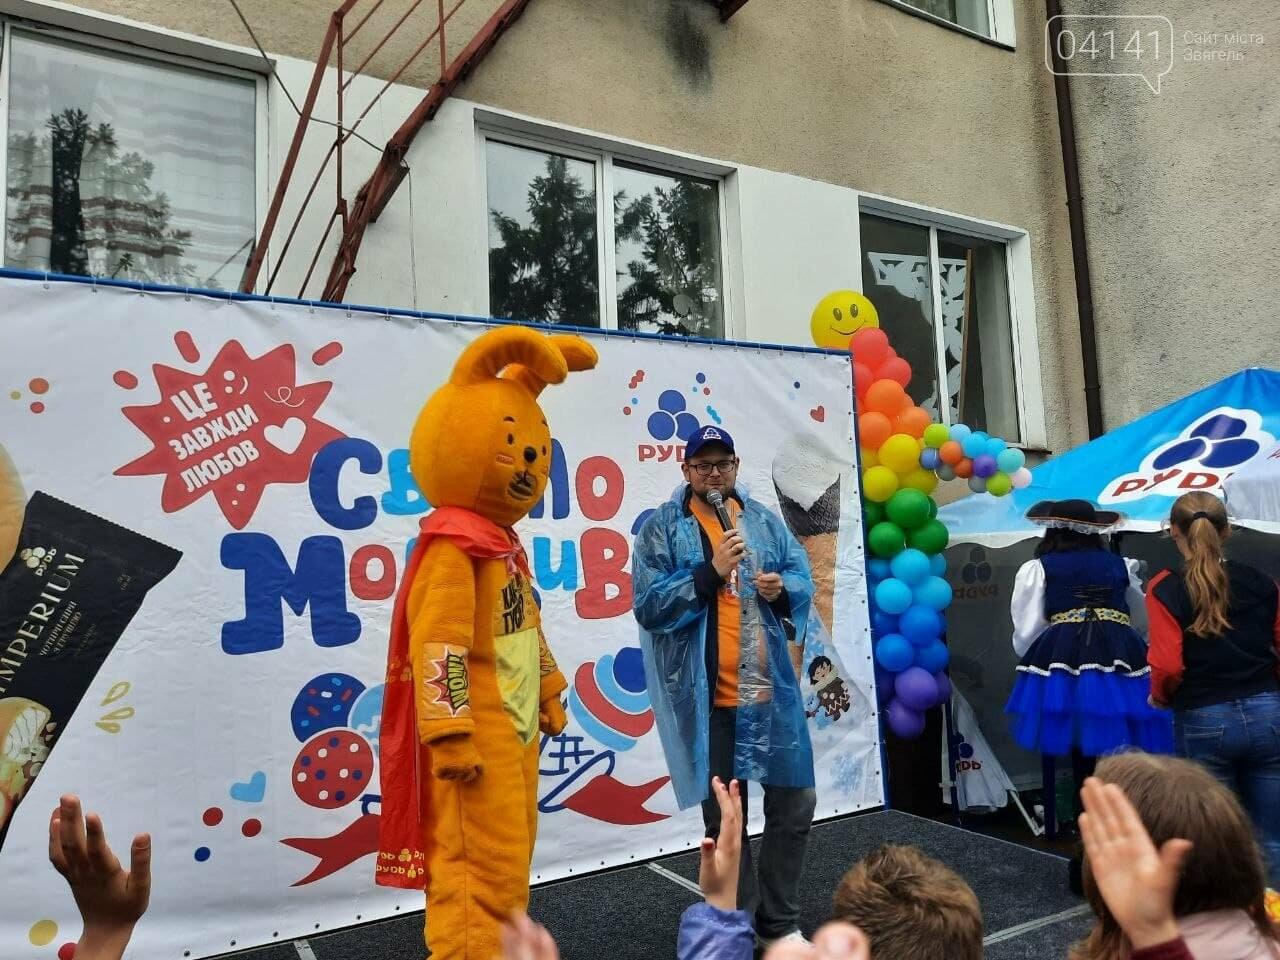 У Новограді-Волинському відбулося Свято Морозива від компанії «Рудь», фото-1